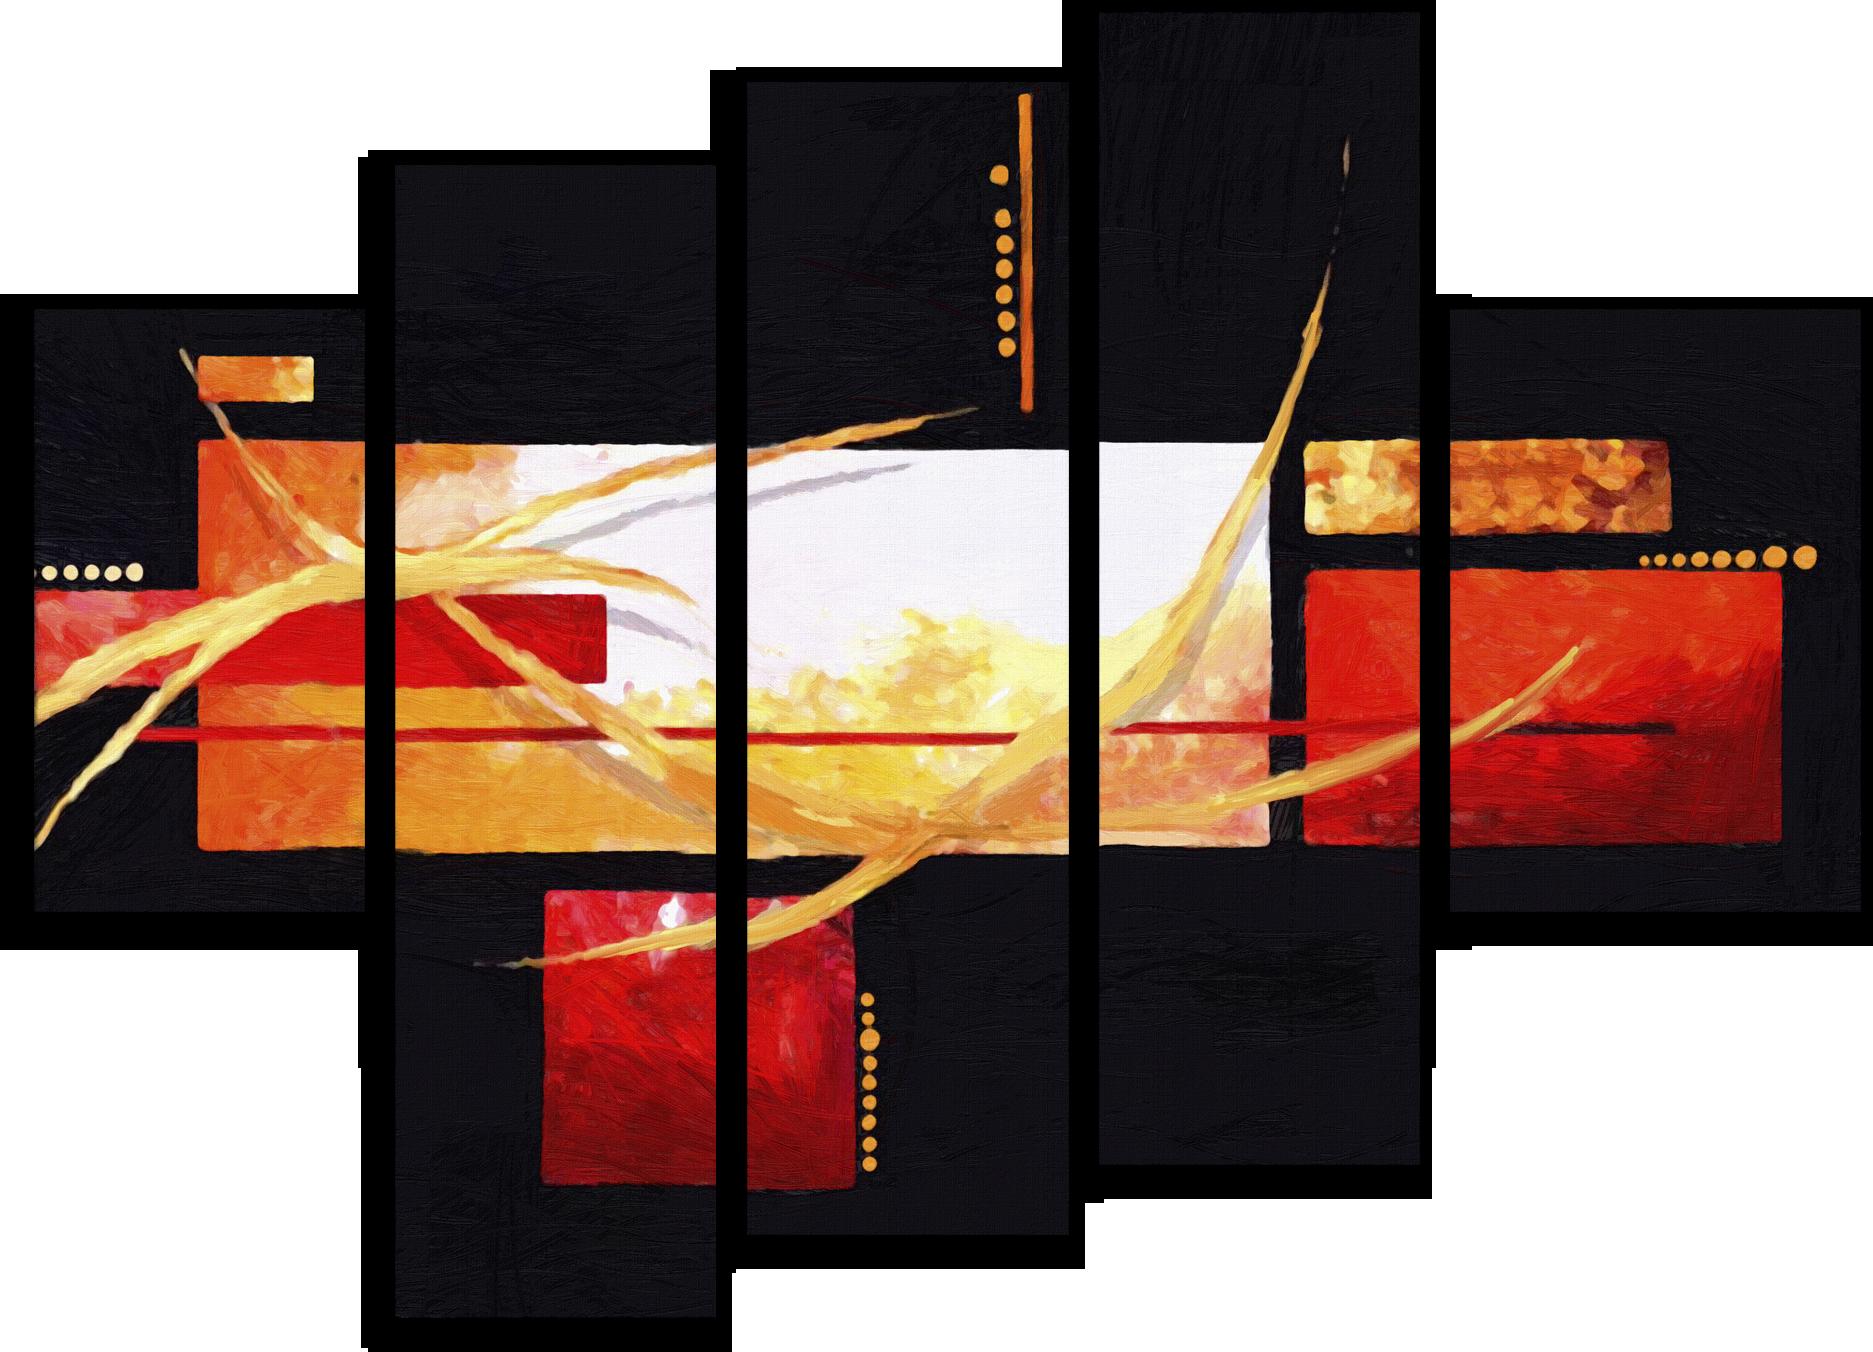 Абстракция Модульная картина''Абстракция жизни'' М213.png